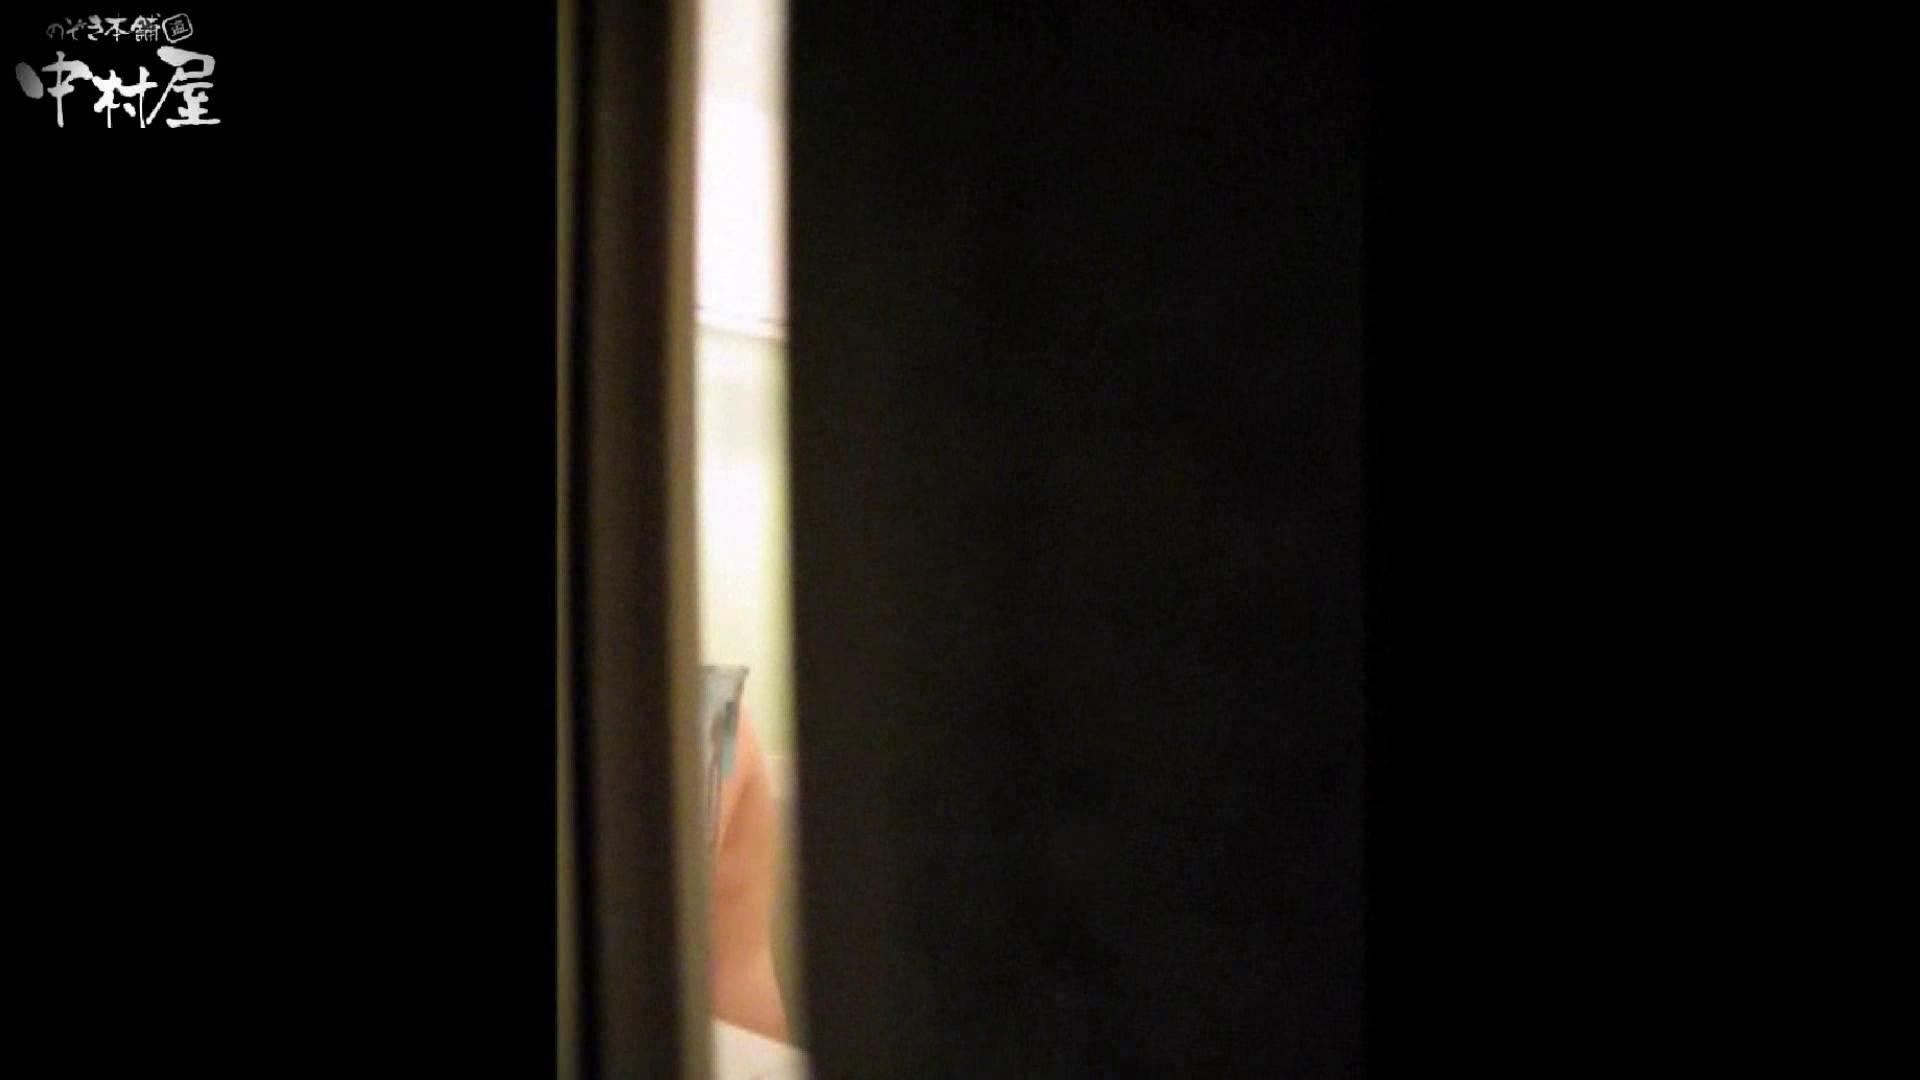 民家風呂専門盗撮師の超危険映像 vol.015 OLのエロ生活 ワレメ無修正動画無料 107連発 86